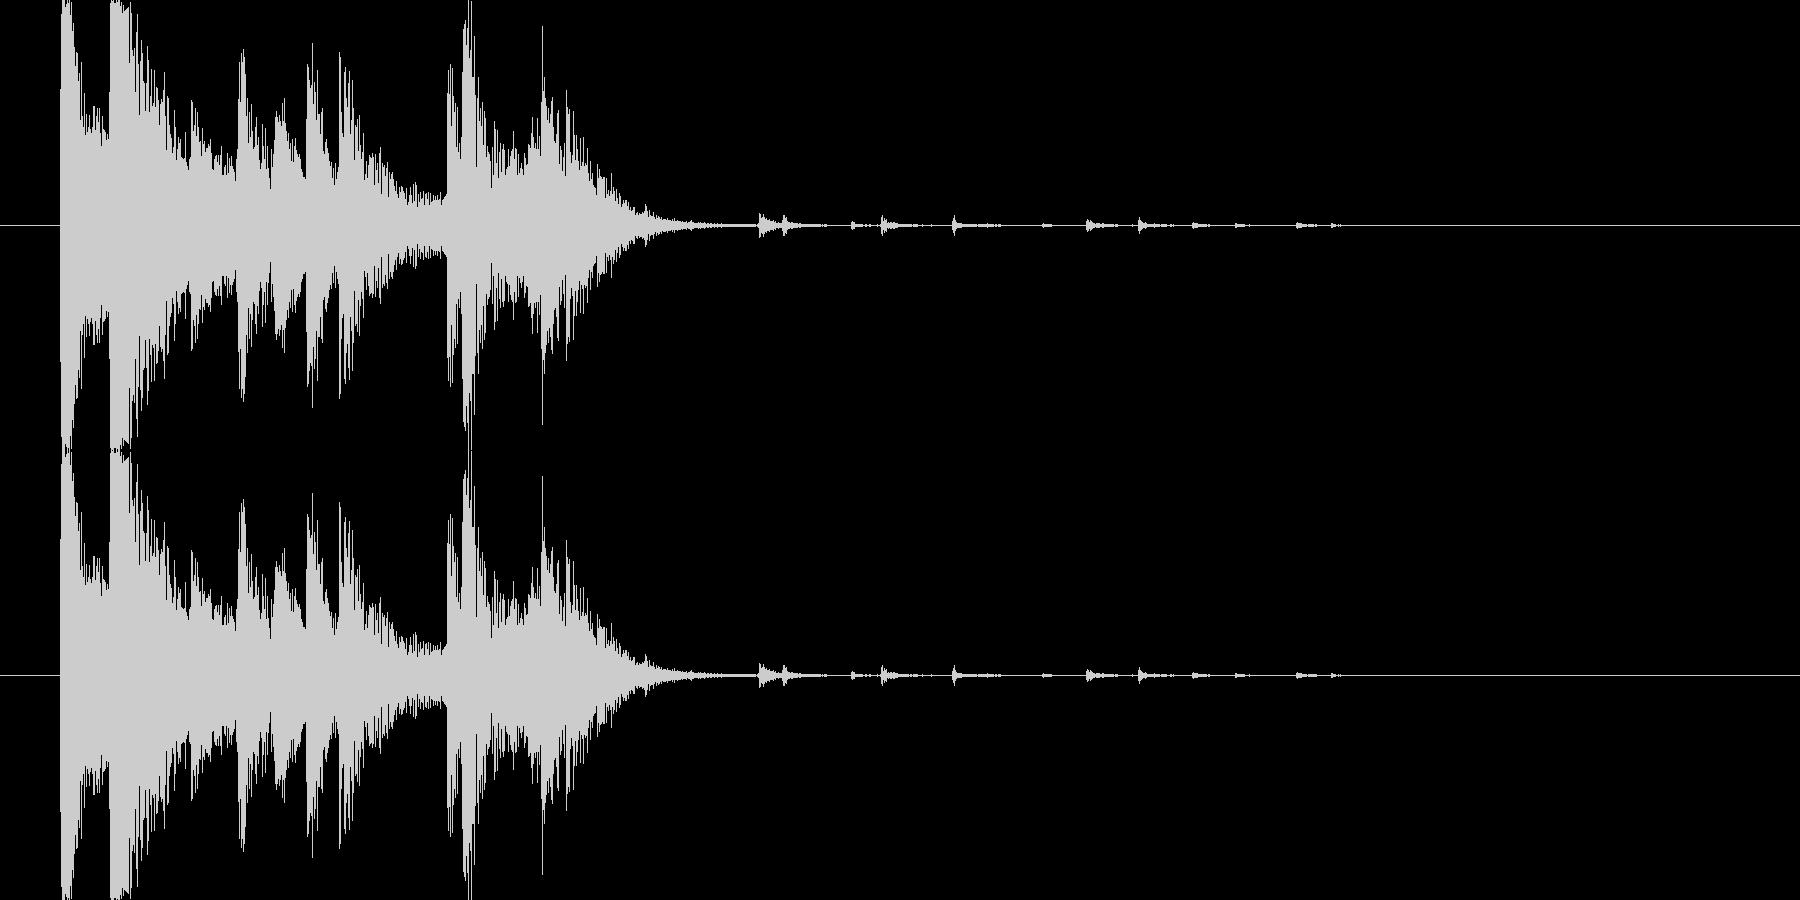 カランカラン(食器の物音)の未再生の波形